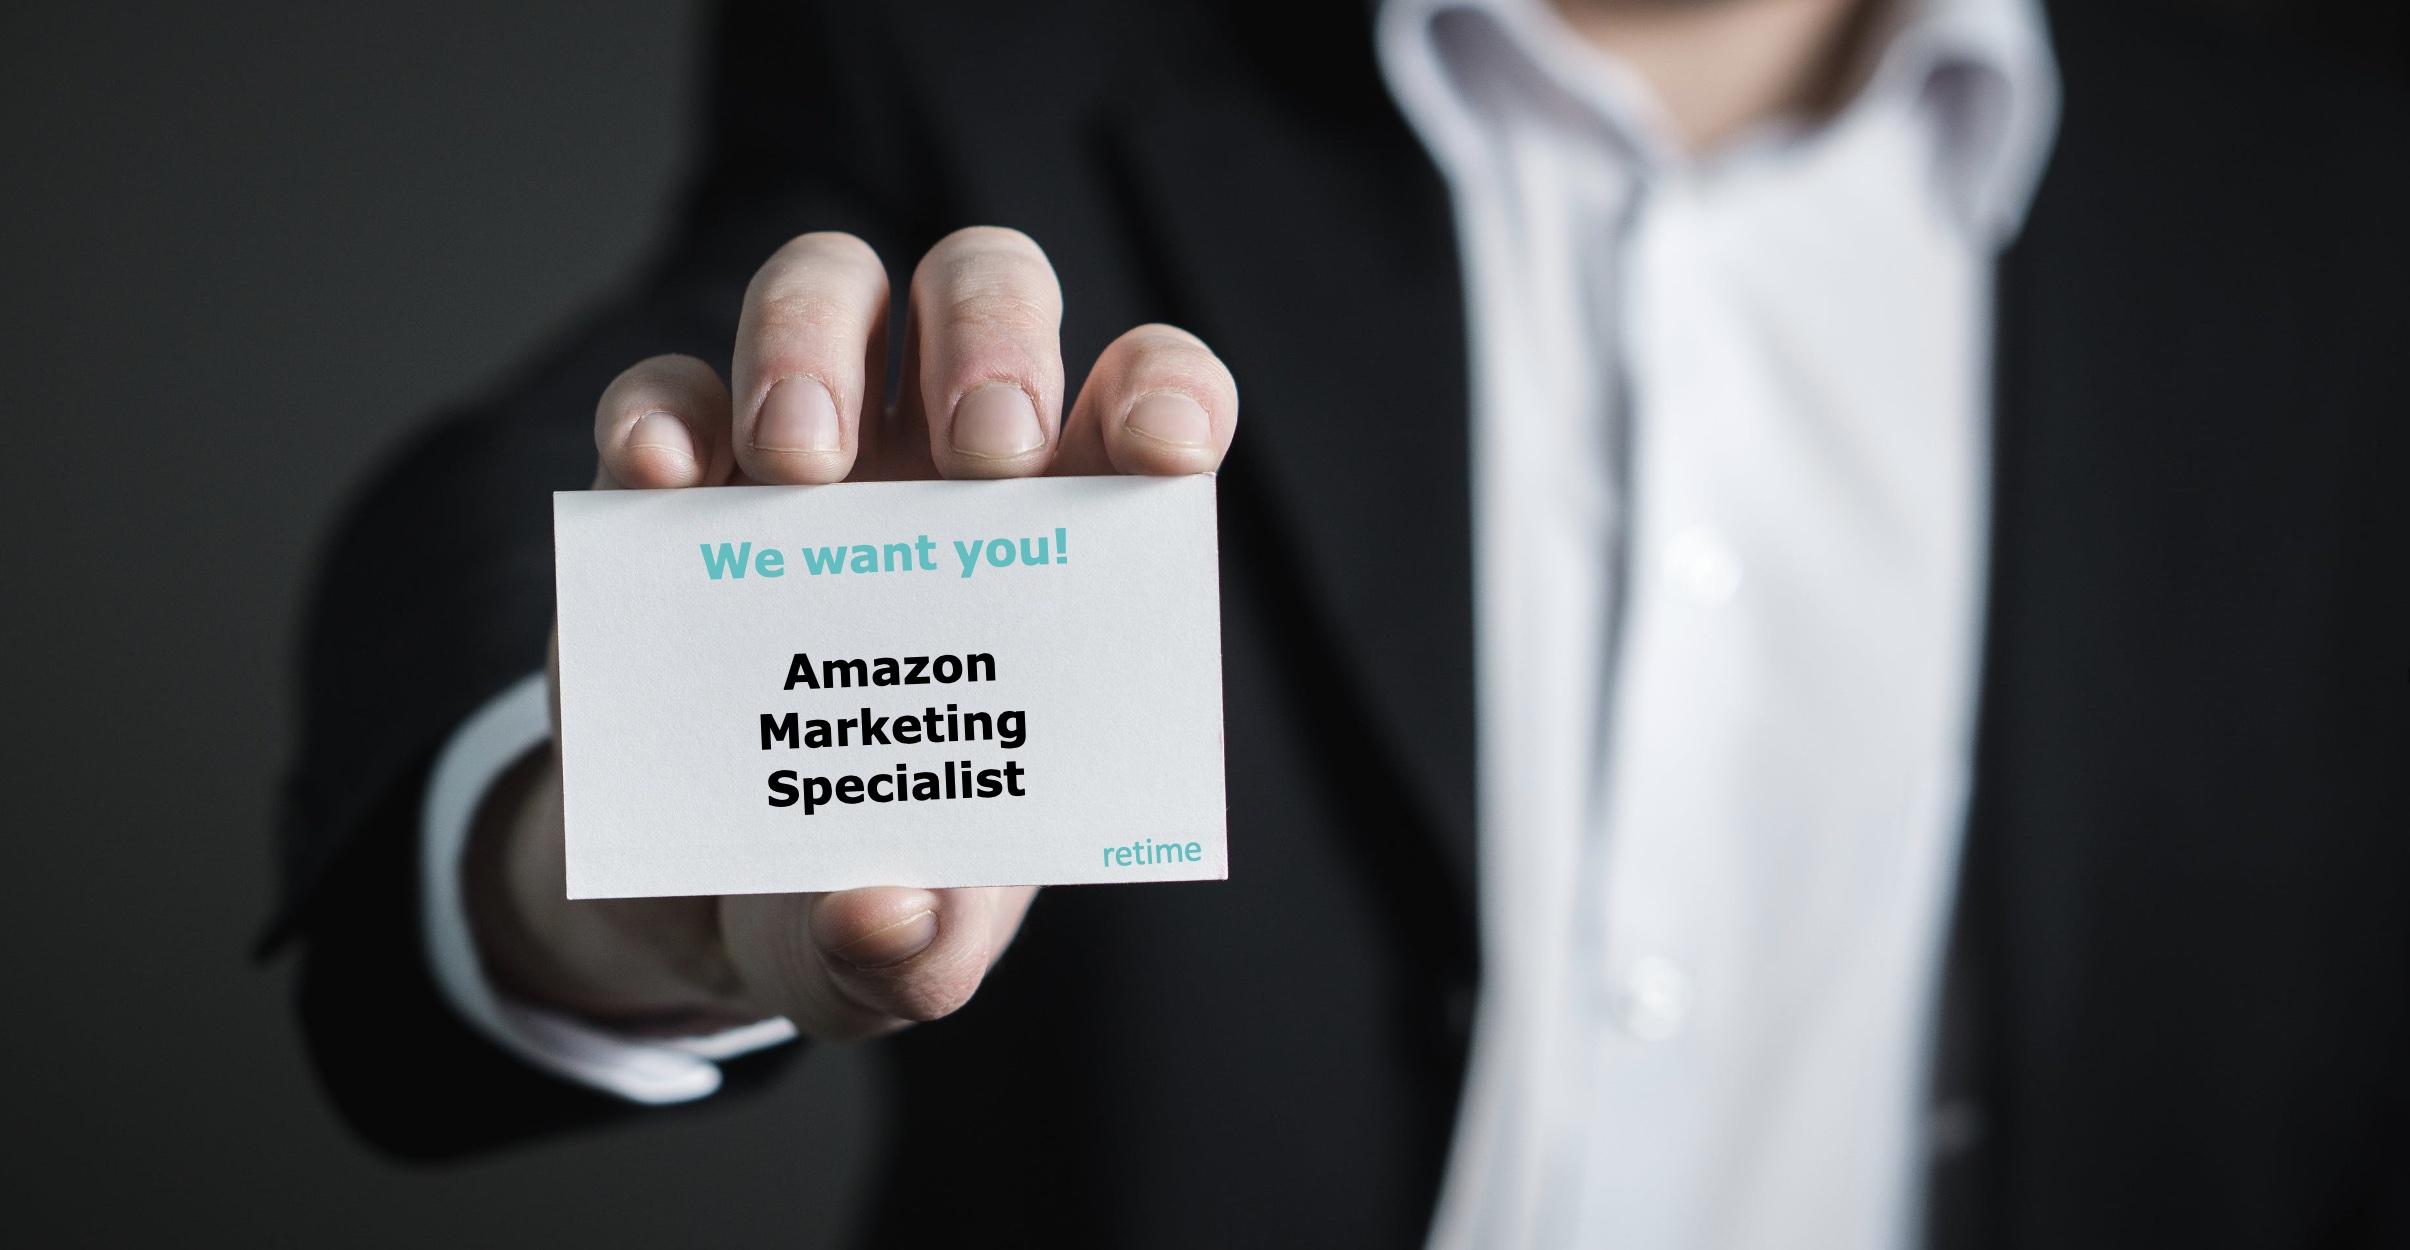 amazon marketing specialist